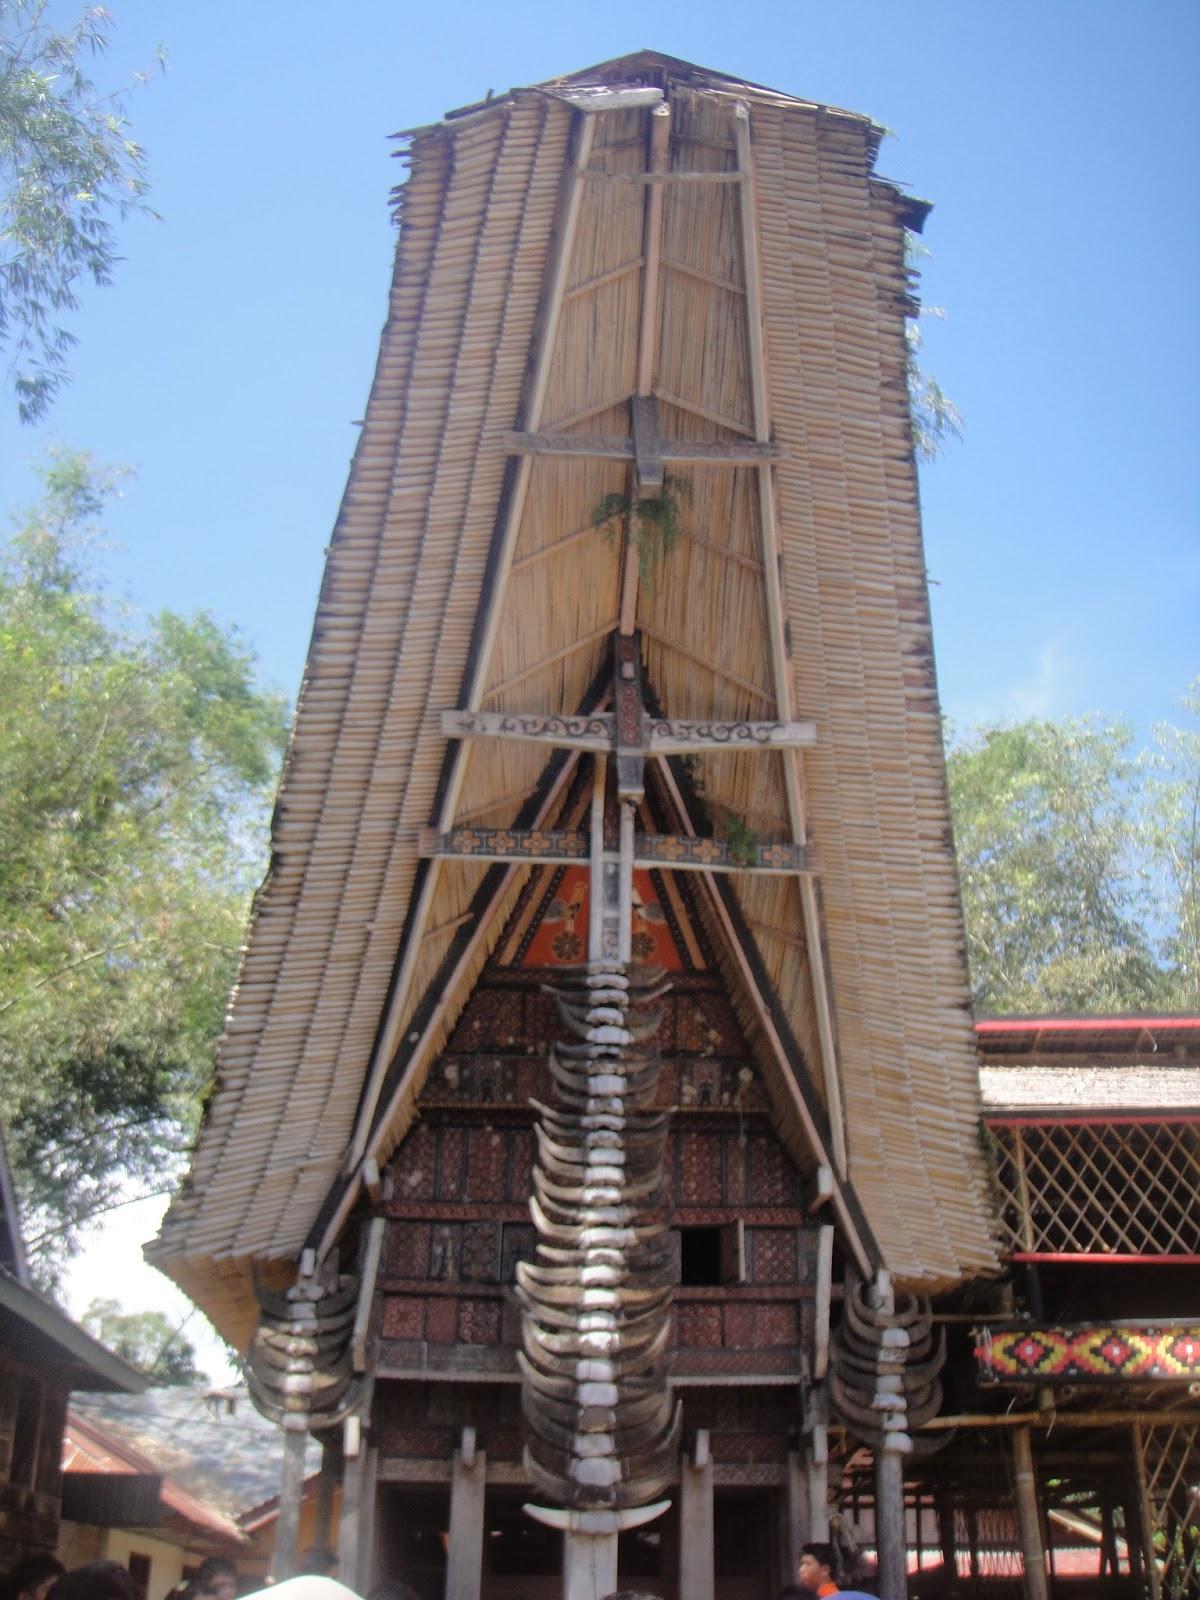 Download this Tongkonan Rumah Adat Toraja Berasal Dari Kata Tongkon picture